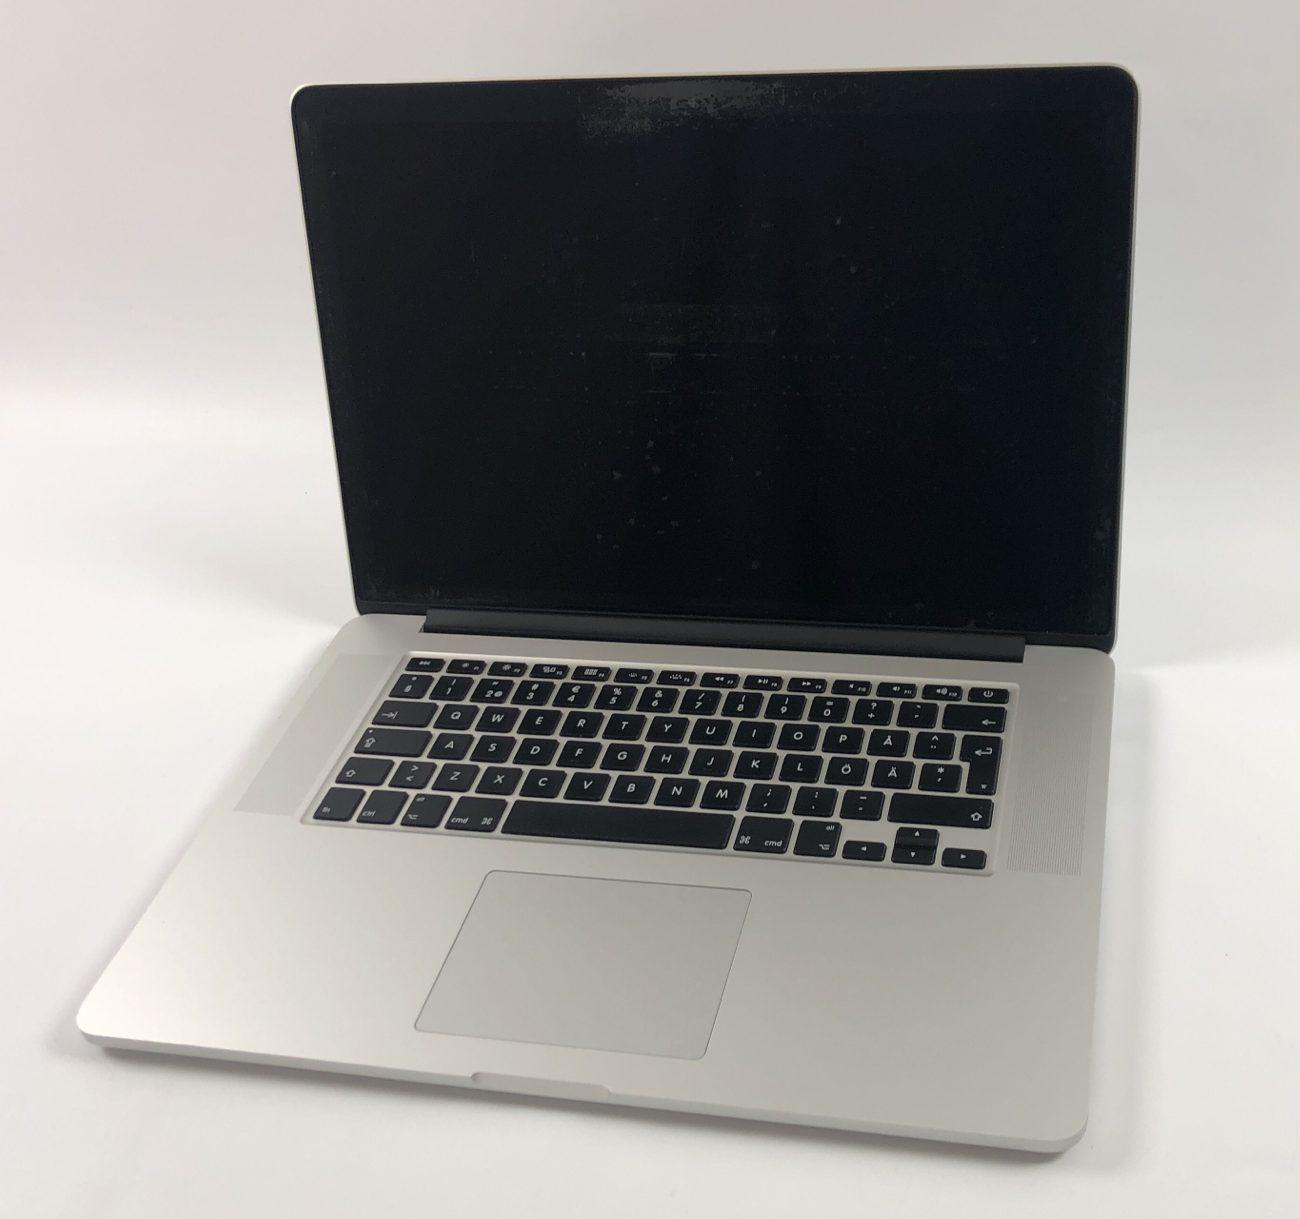 """MacBook Pro Retina 15"""" Mid 2014 (Intel Quad-Core i7 2.8 GHz 16 GB RAM 512 GB SSD), Intel Quad-Core i7 2.8 GHz, 16 GB RAM, 512 GB SSD, Kuva 1"""